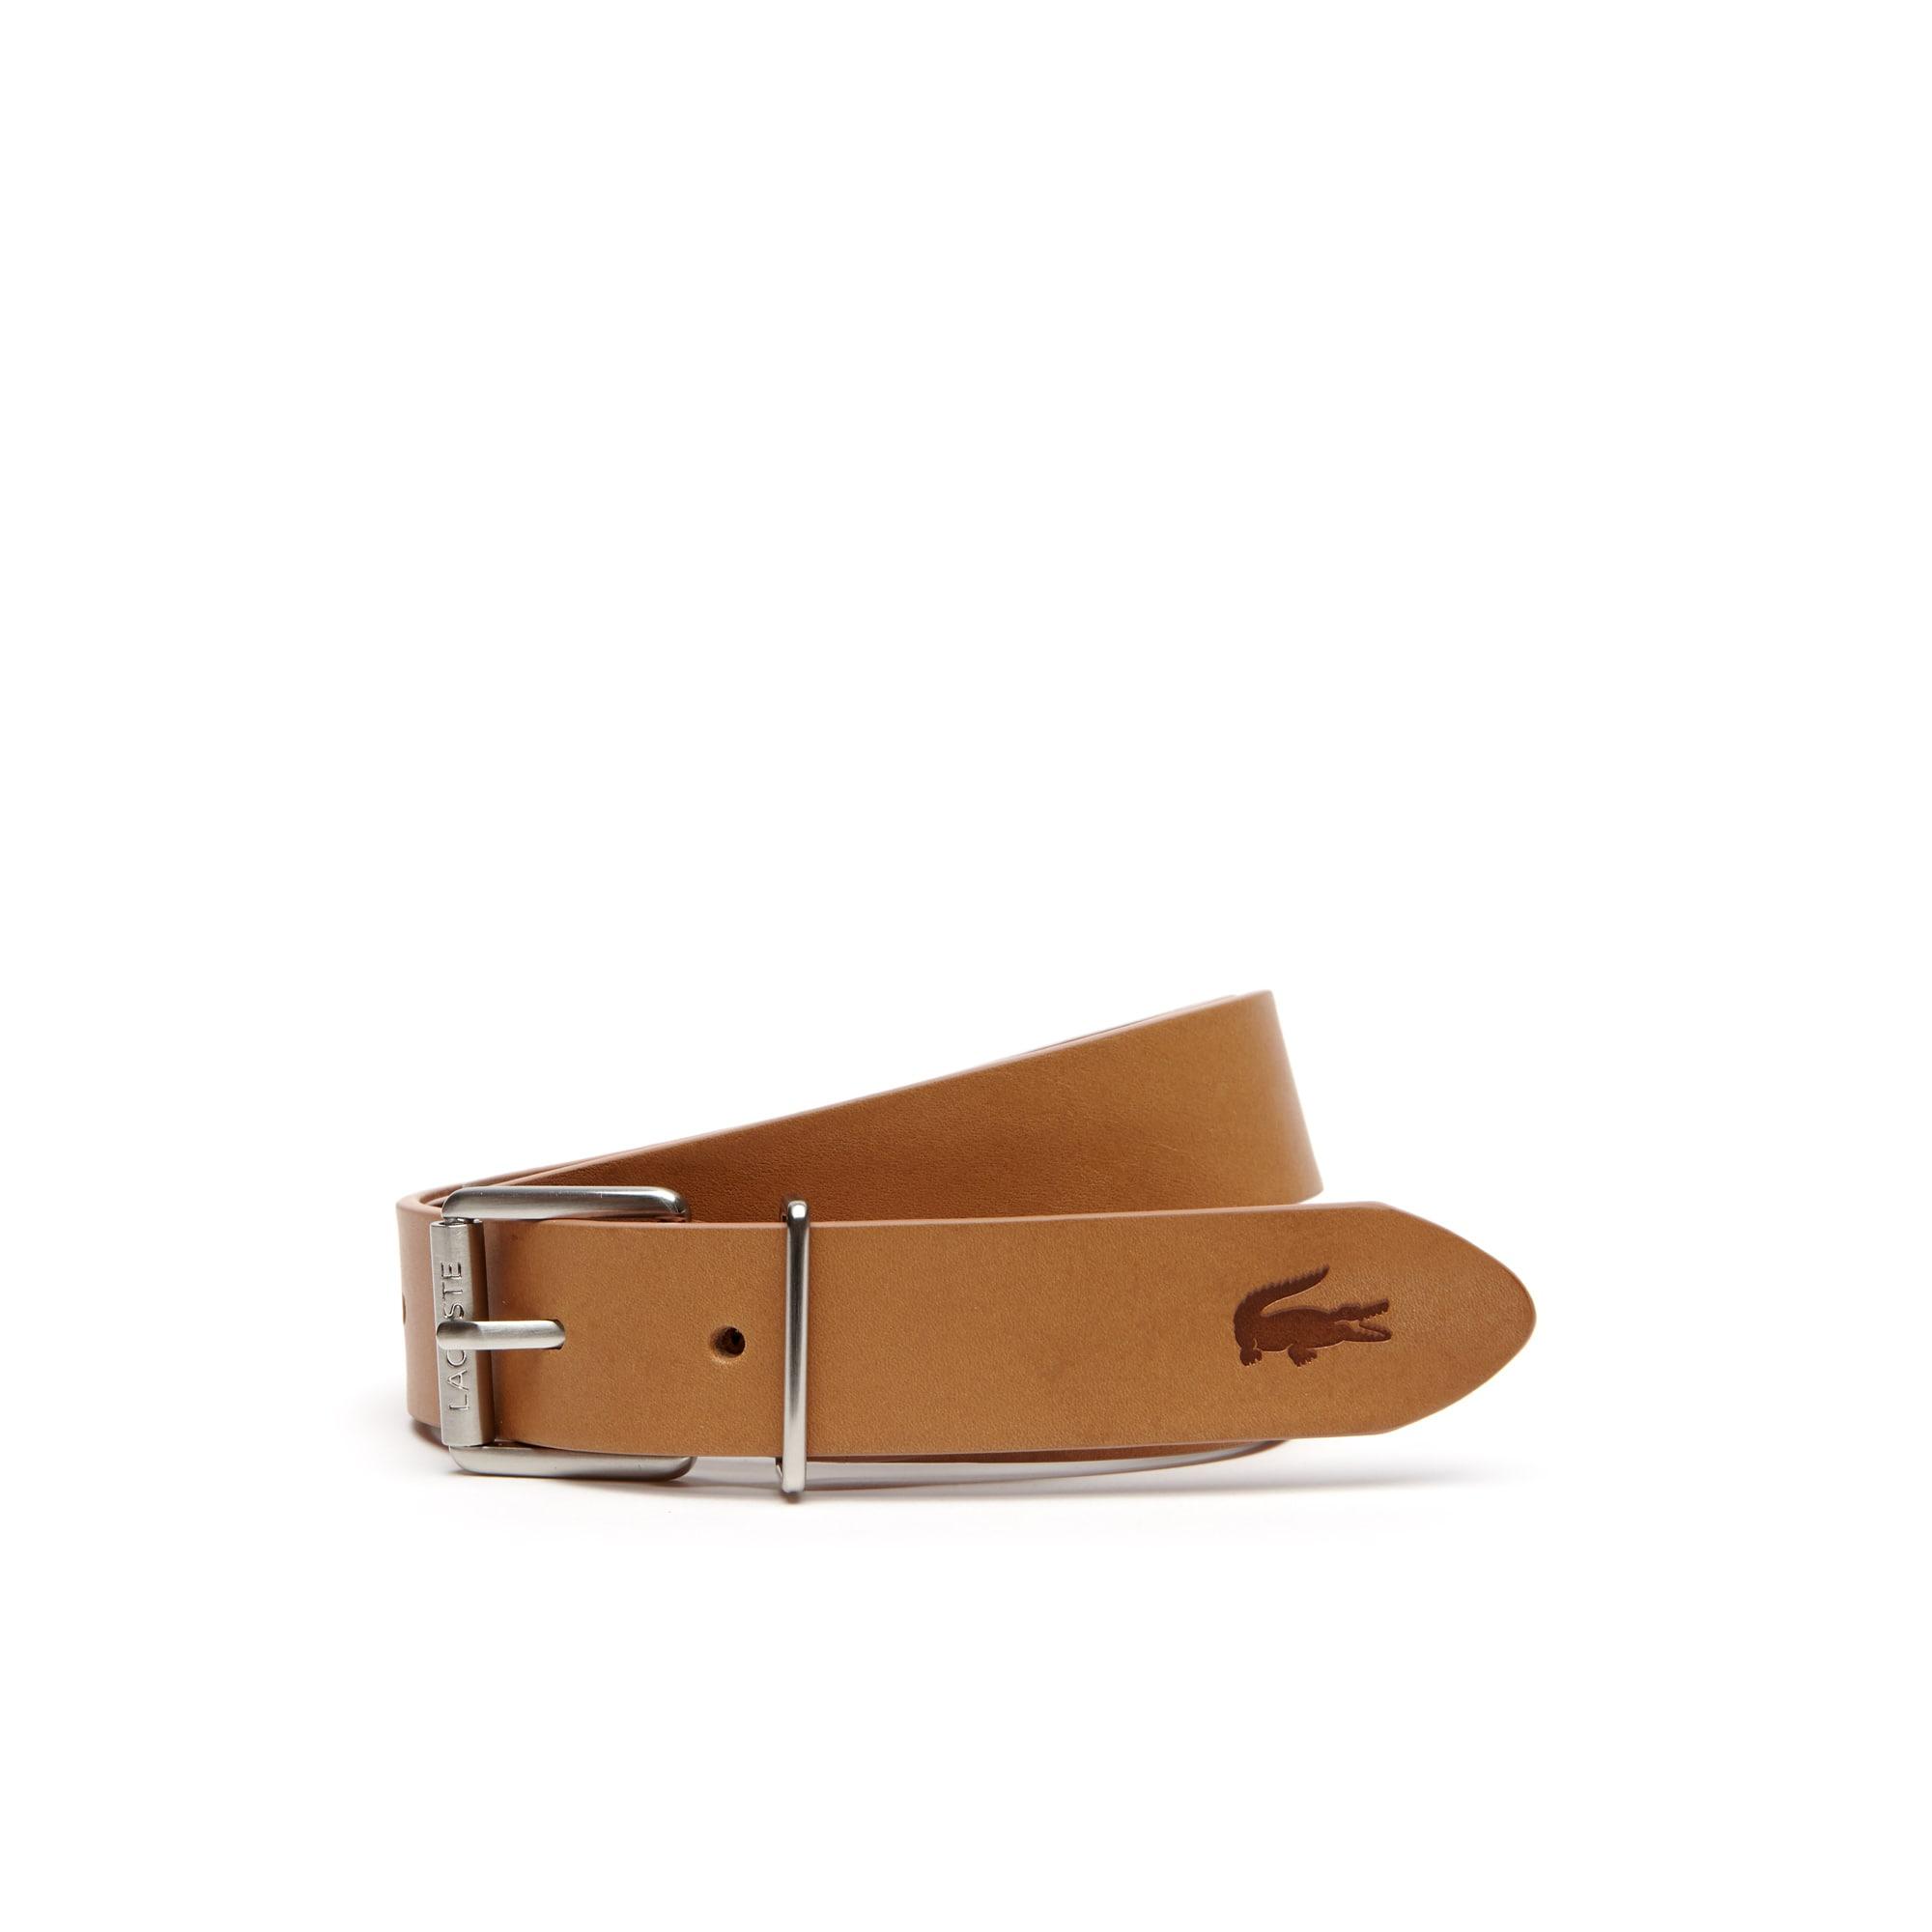 Cintura in pelle con fibbia a rullo dotata di incisione Lacoste